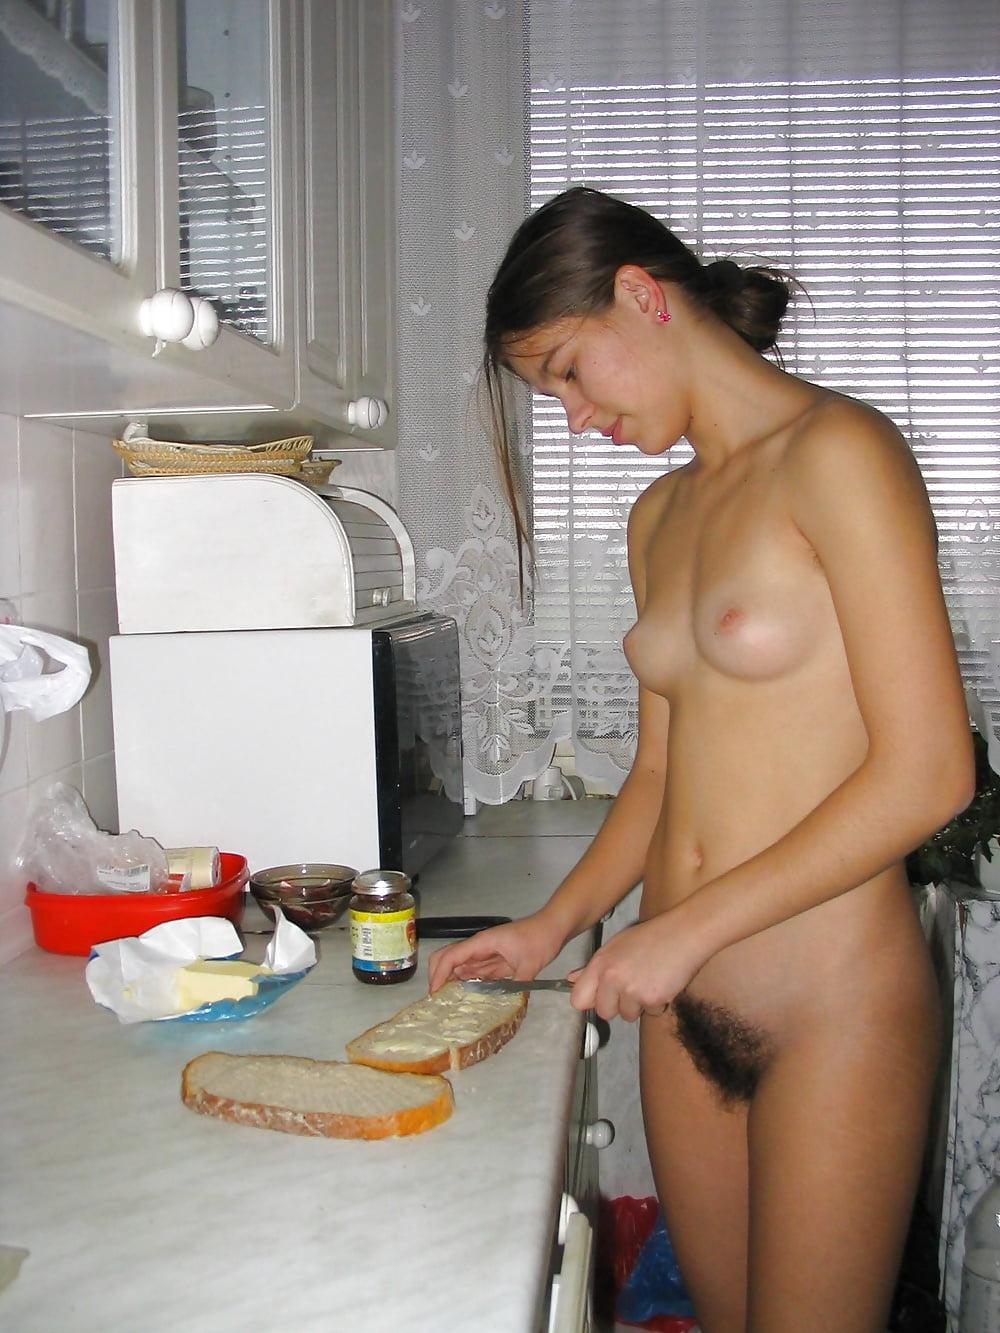 поднял ее, видео голые девушки одни дома японии традиции